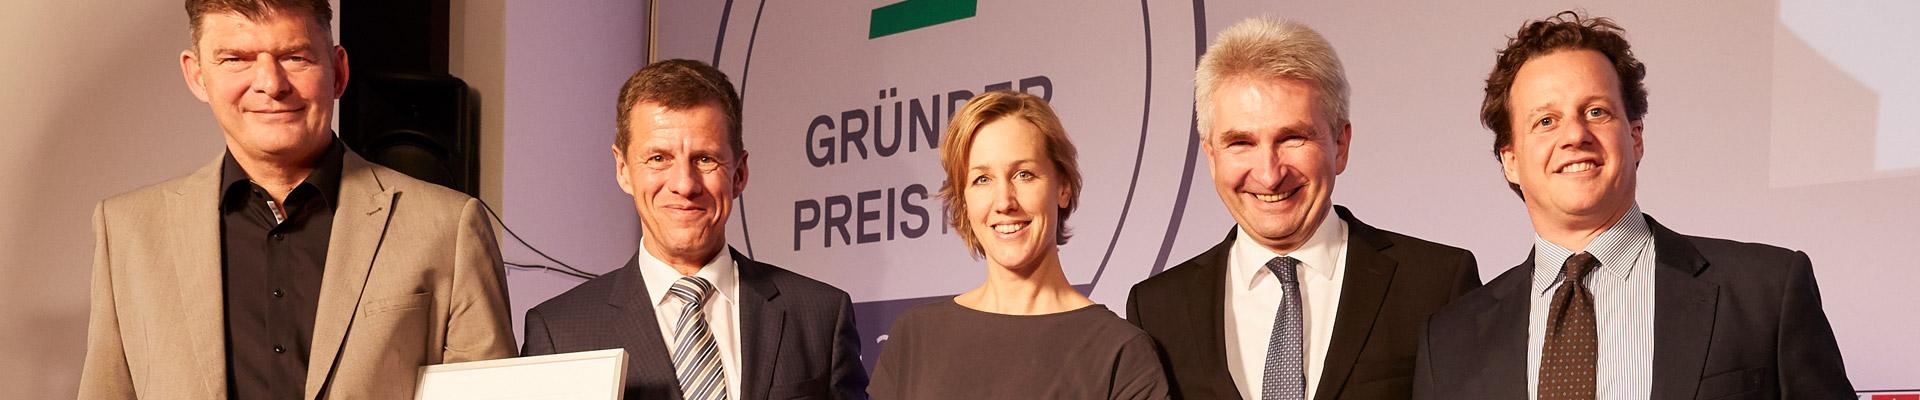 Gruenderpreis_1920x400